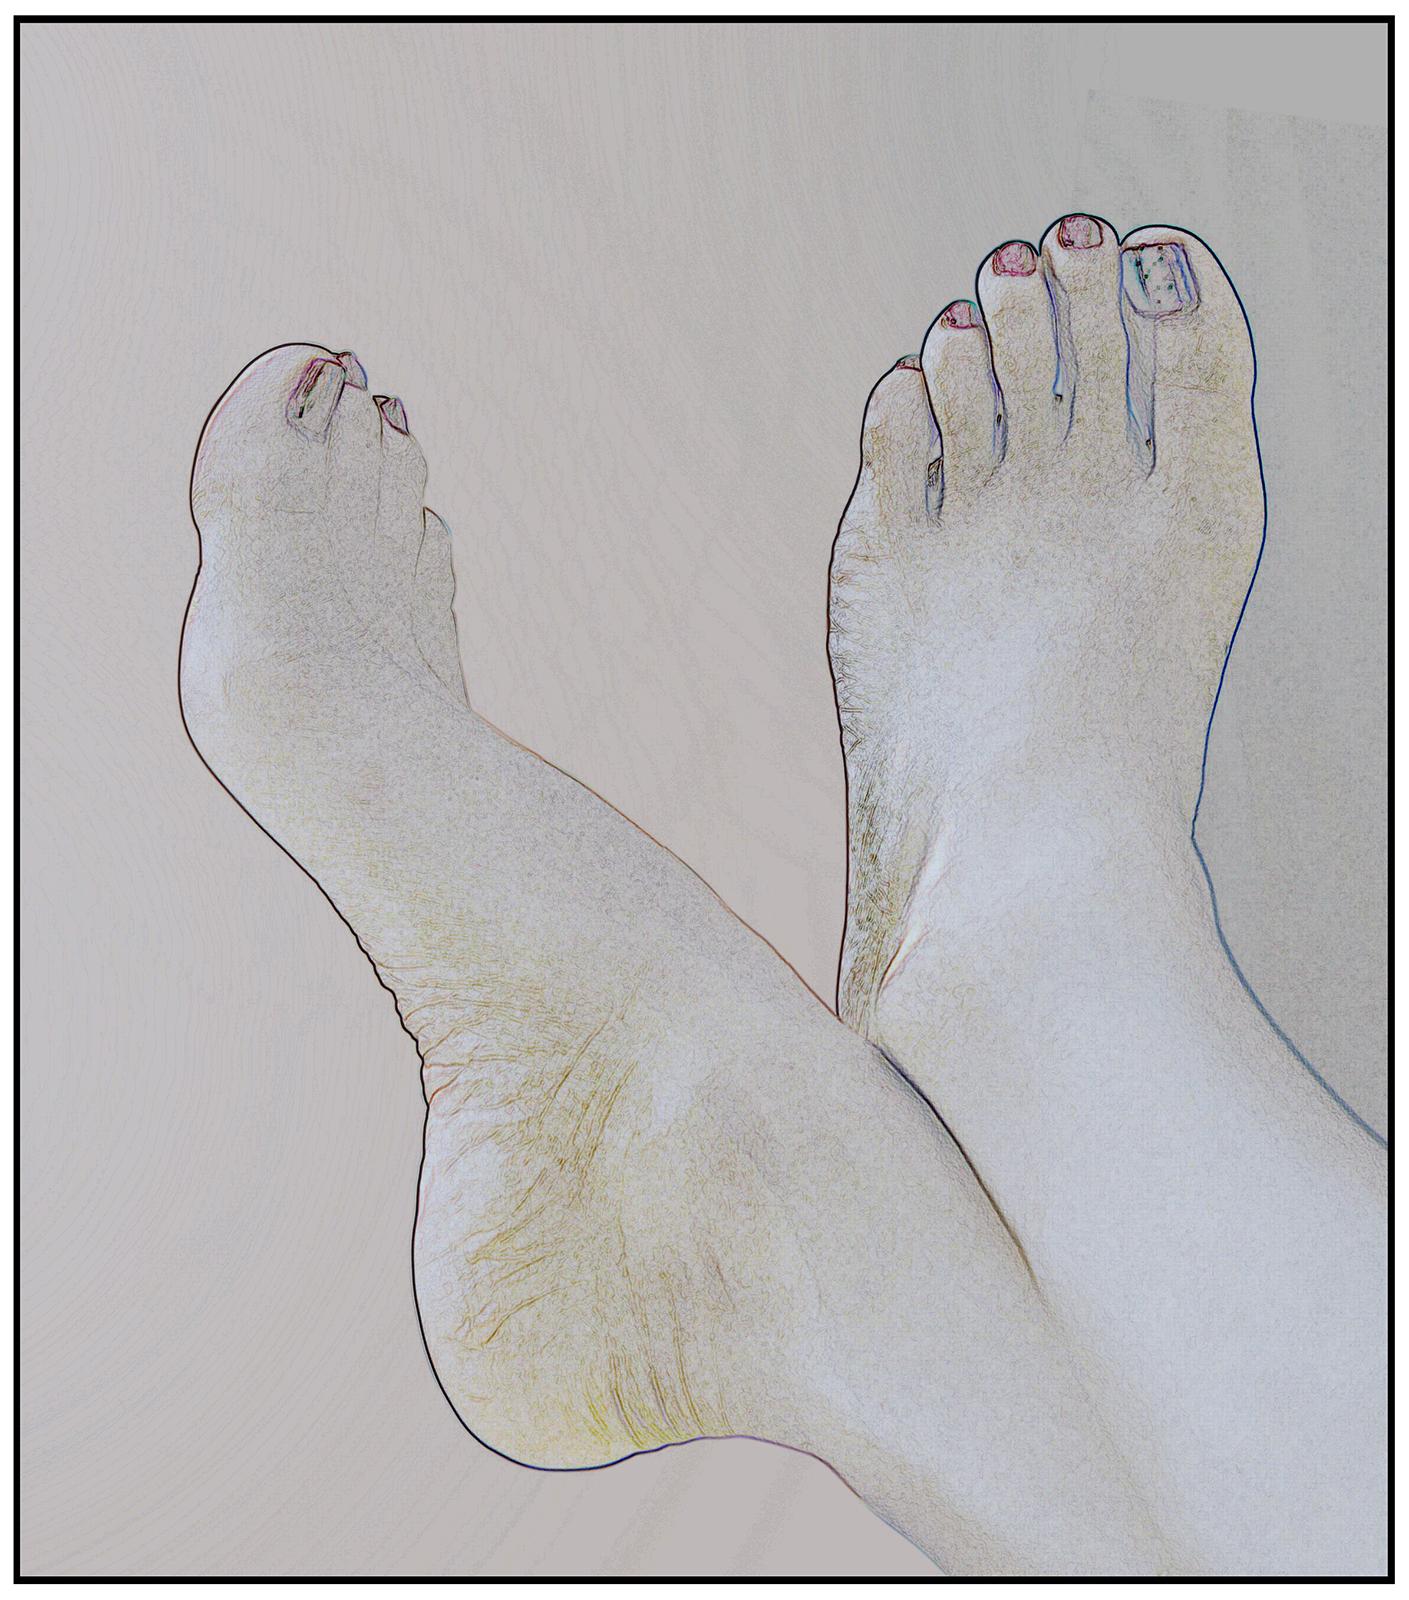 http://3.bp.blogspot.com/-CezsRM2FH6g/UUZIajSoRLI/AAAAAAAACng/UIhVNNUGyMU/s1600/6511672_rosario_dawson_feet_.jpg